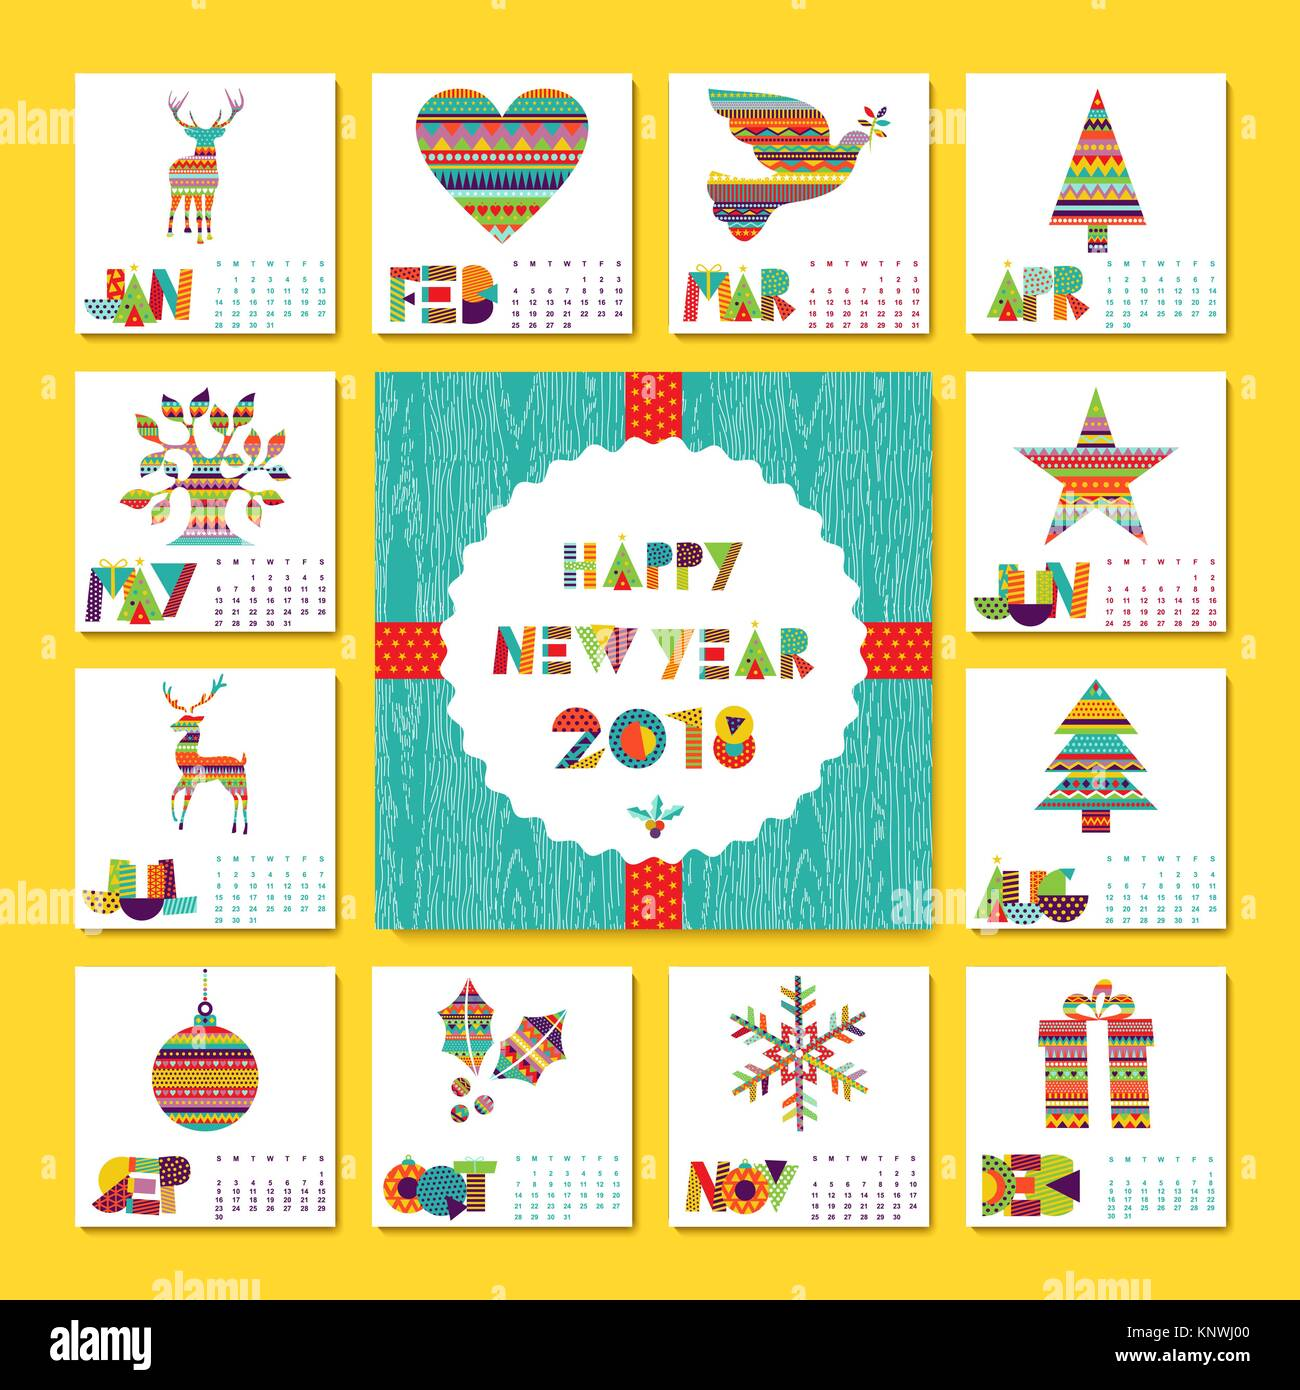 Frohes Neues Jahr 2018 Urlaub Kalender Vorlage Mit Weihnachten